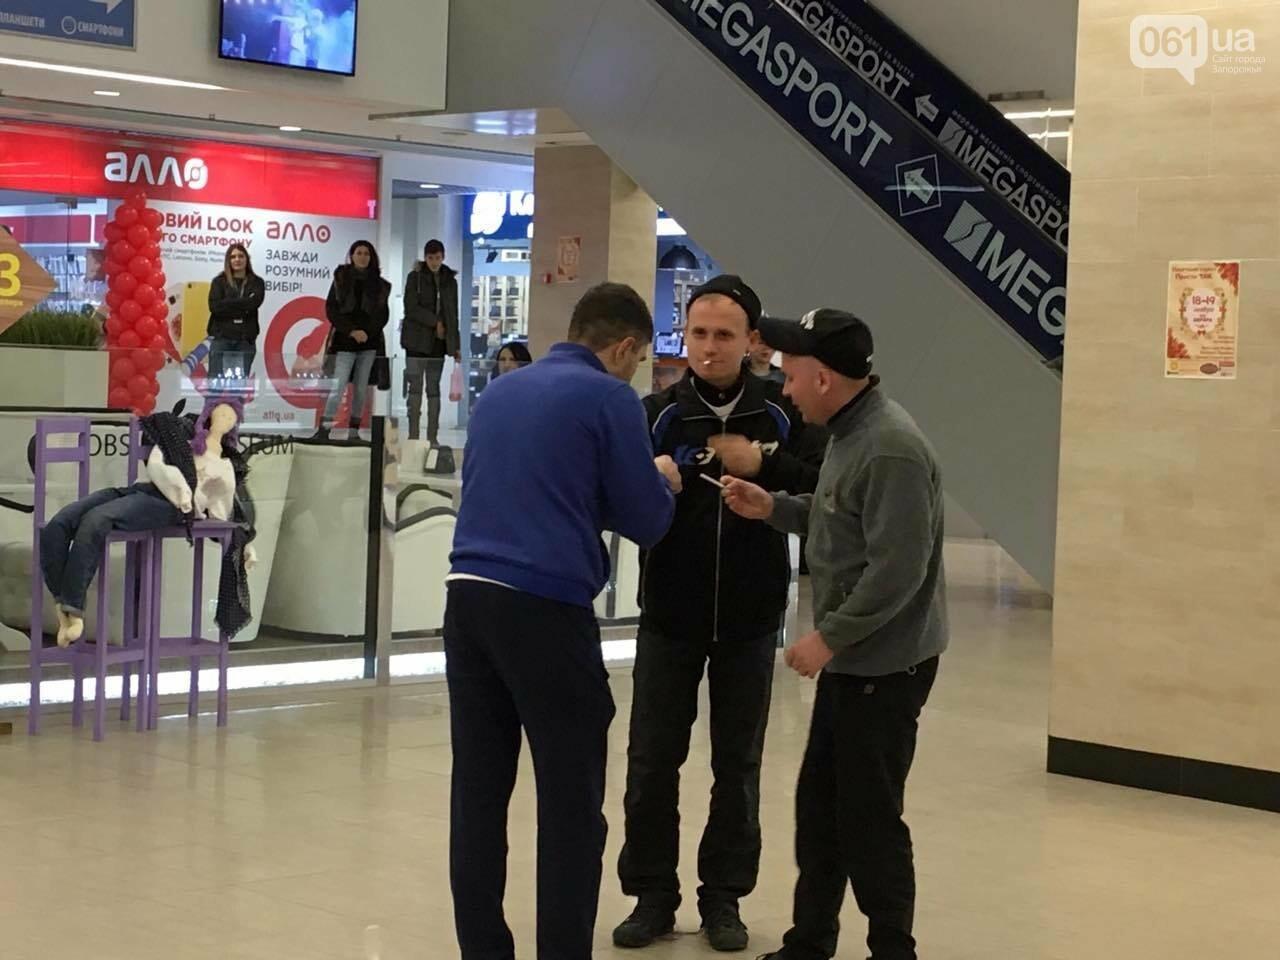 В запорожском торговом центре провели флешмоб против курения, - ФОТО, ВИДЕО, фото-4